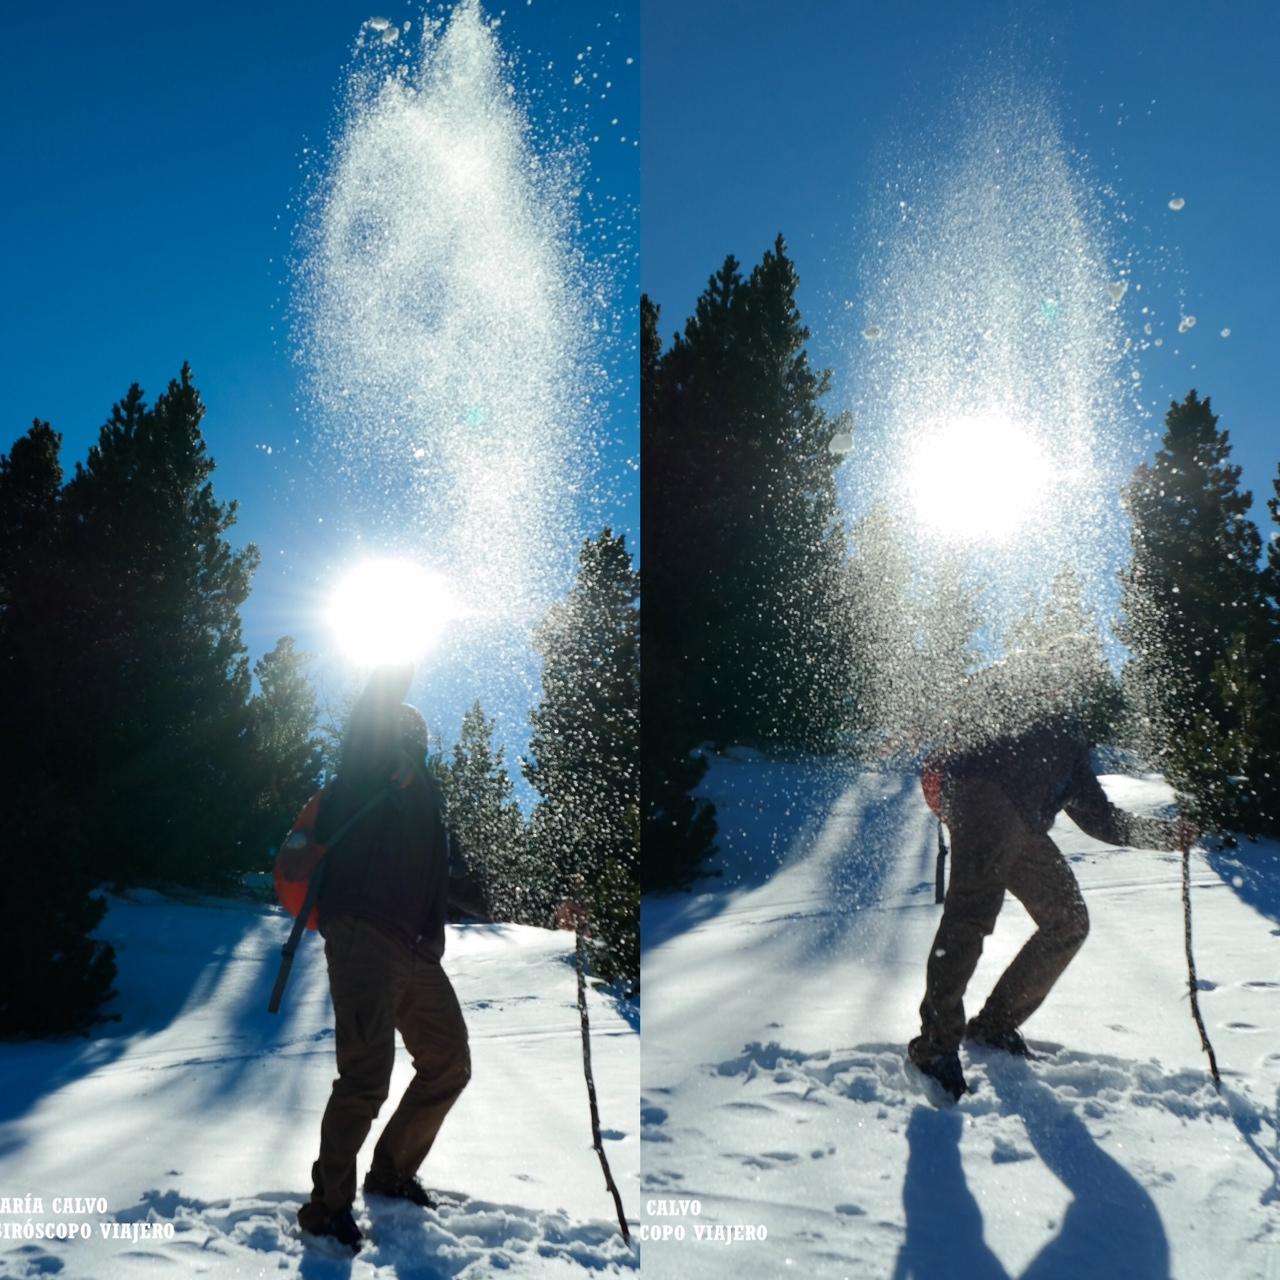 Jugar con la nieve, pura felicidad